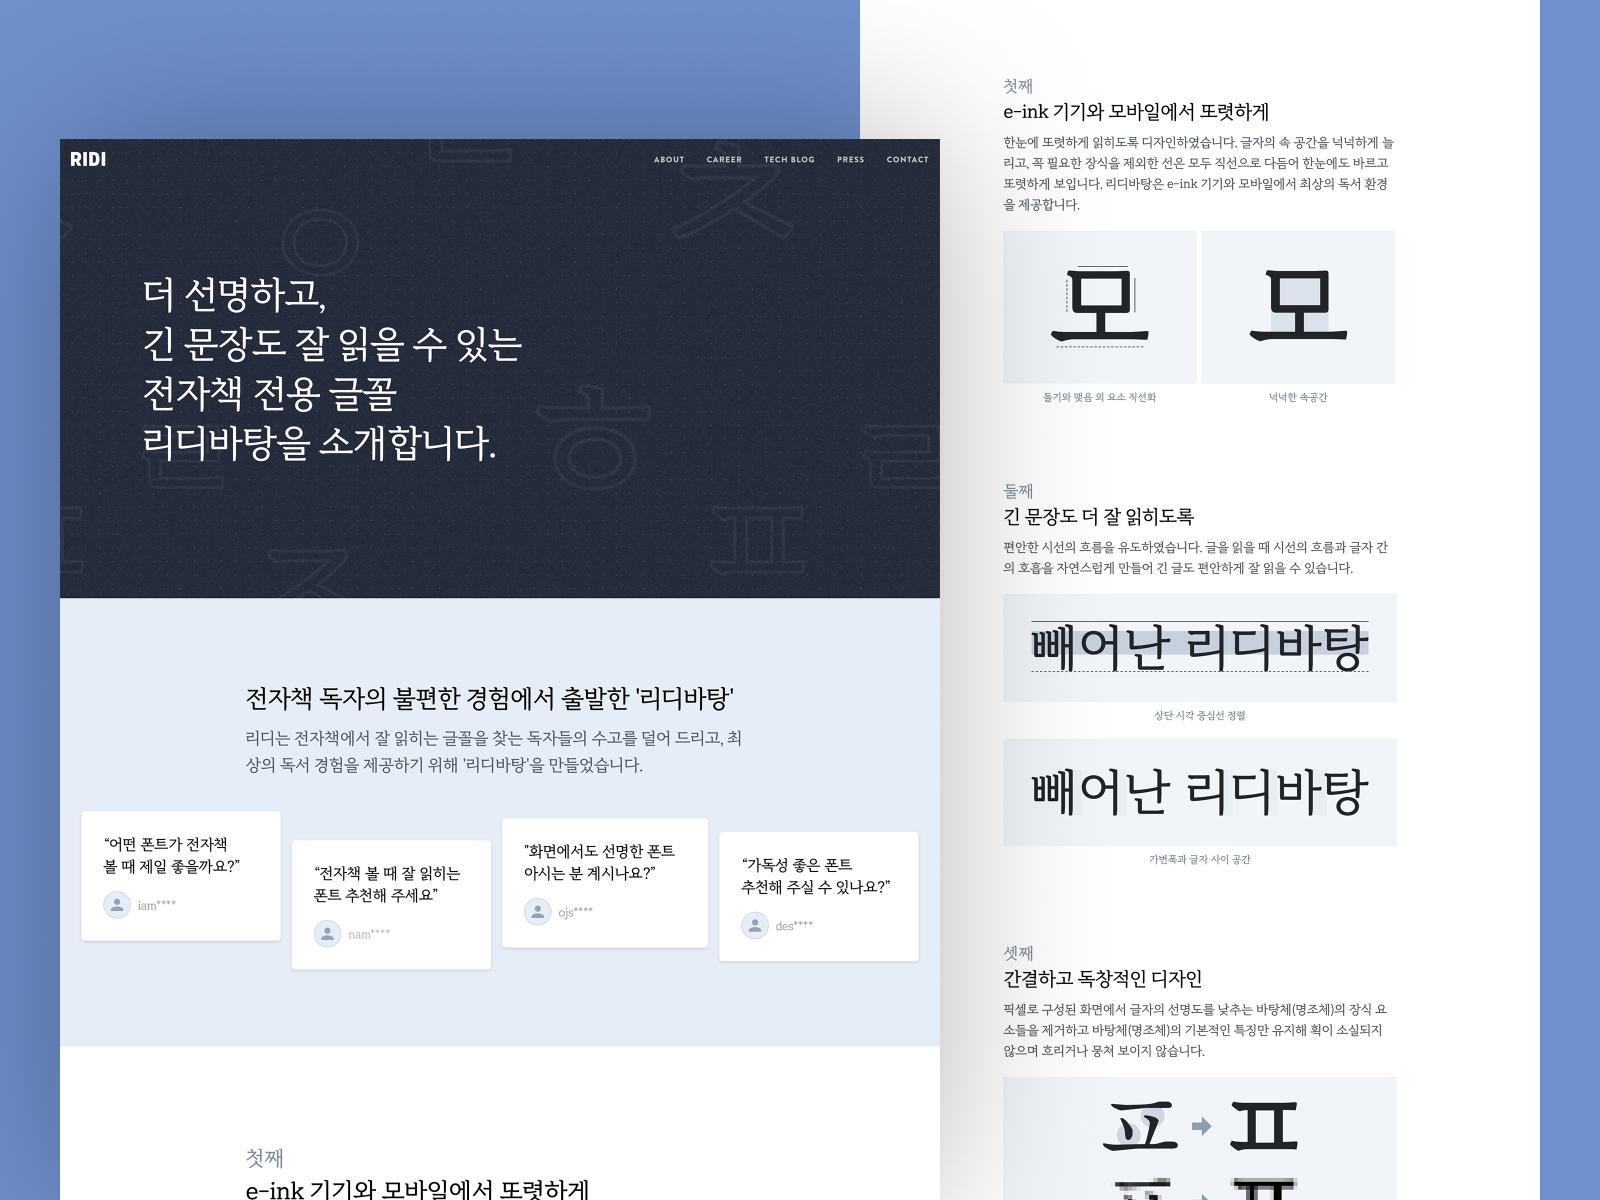 리디바탕 소개 페이지